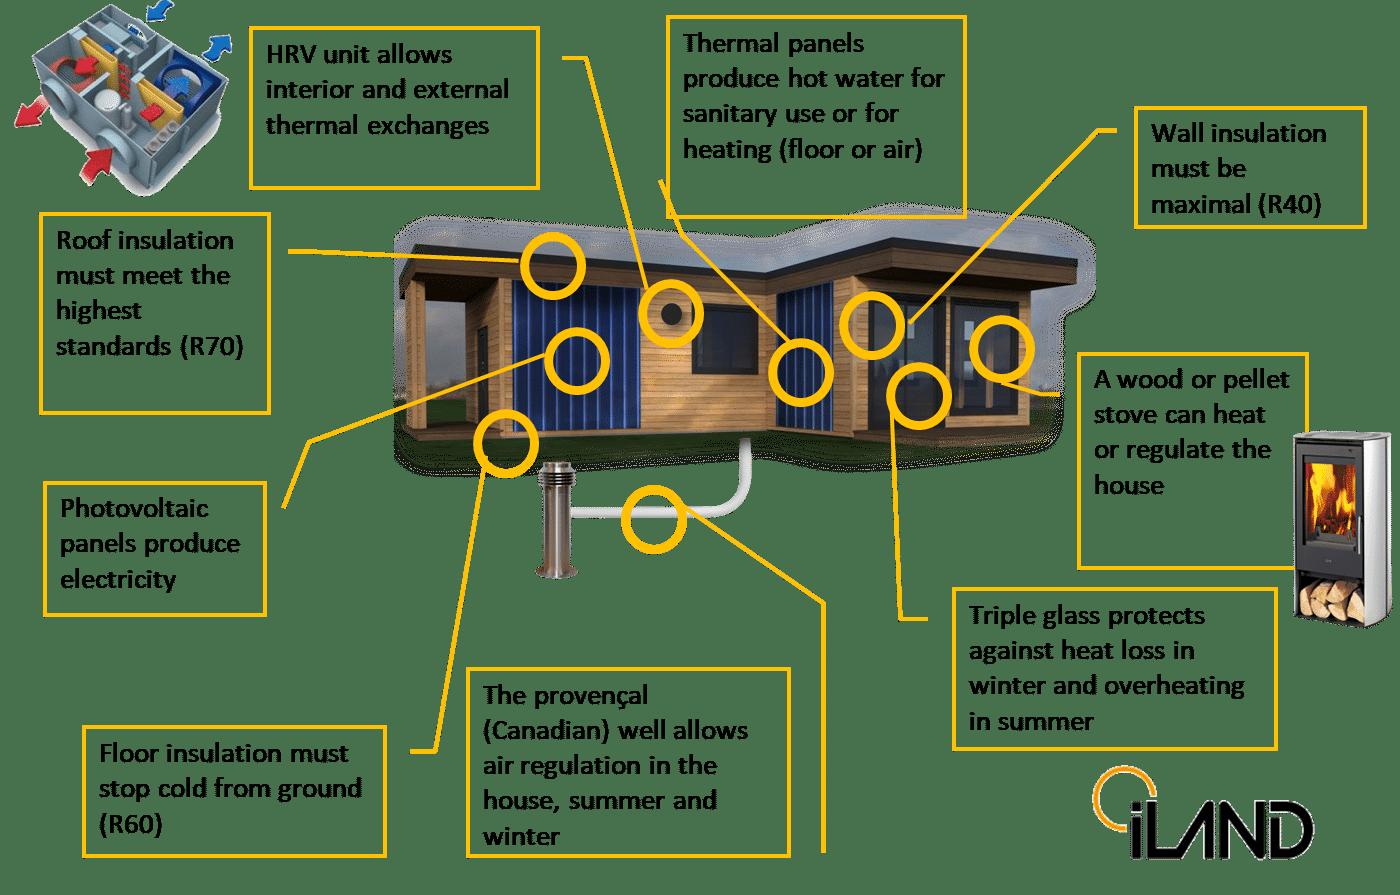 Accueil montrant les nombreux composants pouvant contenir une maison solaire, tels qu'une meilleure isolation, des fenêtres à triple vitrage et des panneaux solaires